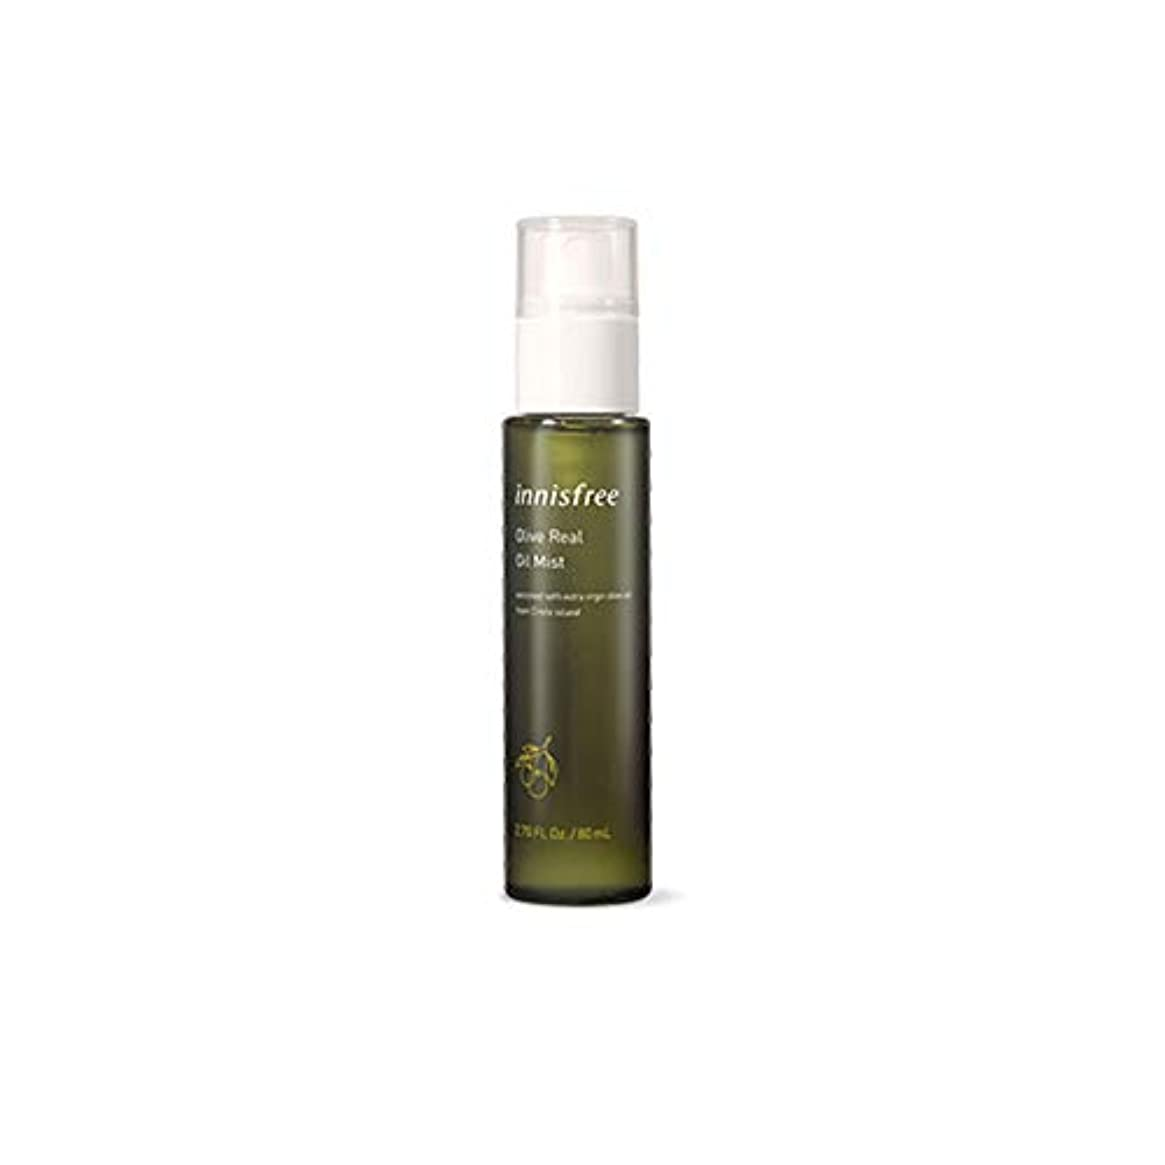 誕生生静的NEW[イニスフリー] Innisfree オリーブ リアル オイル ミスト EX(80ml) Innisfree Olive Real Oil Mist EX(80ml) [海外直送品]